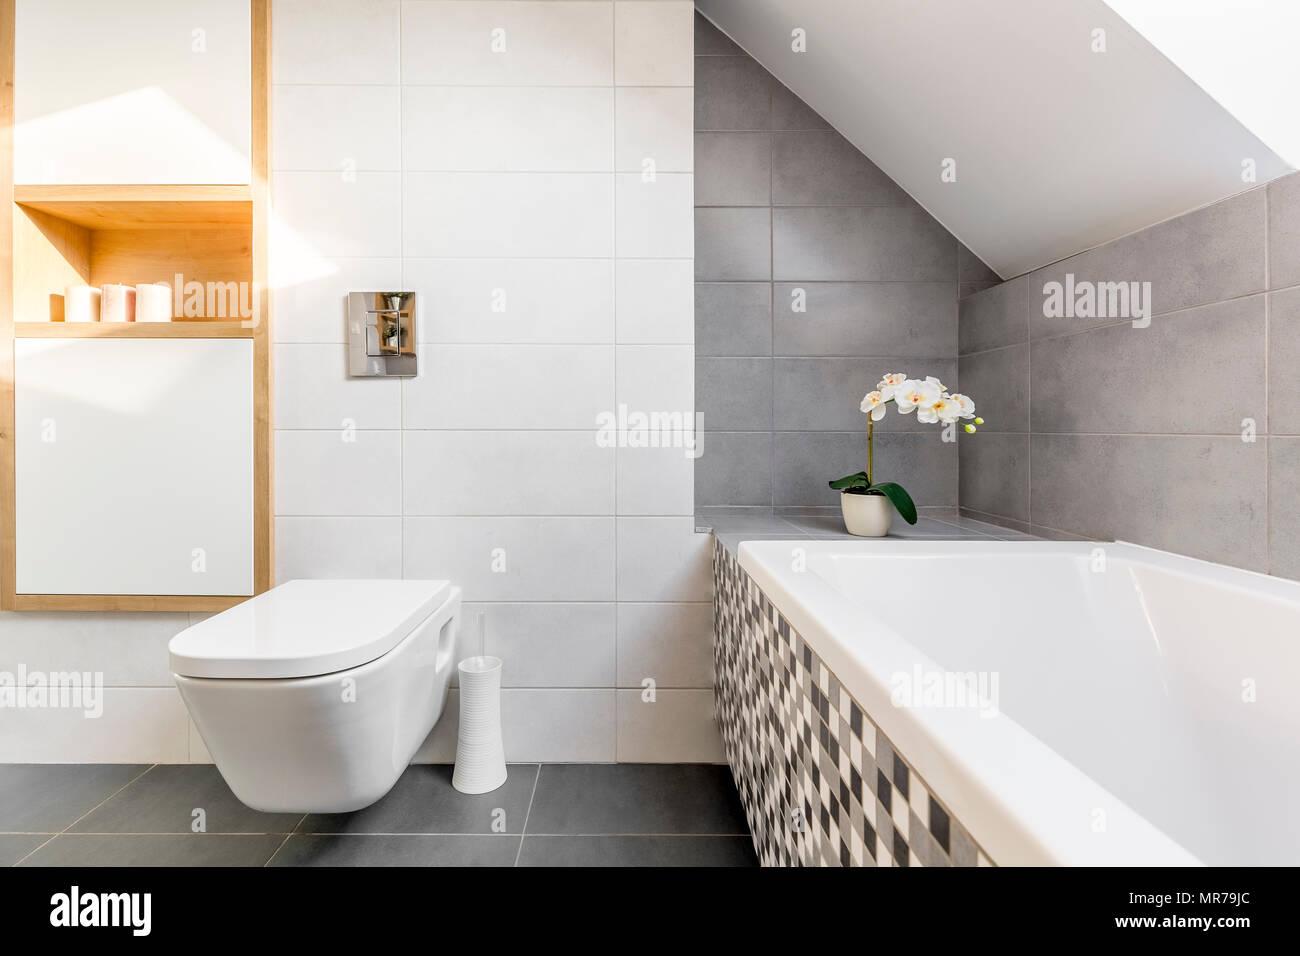 Dachgeschoss Badezimmer In Grau Und Weiß Mit Badewanne Und WC